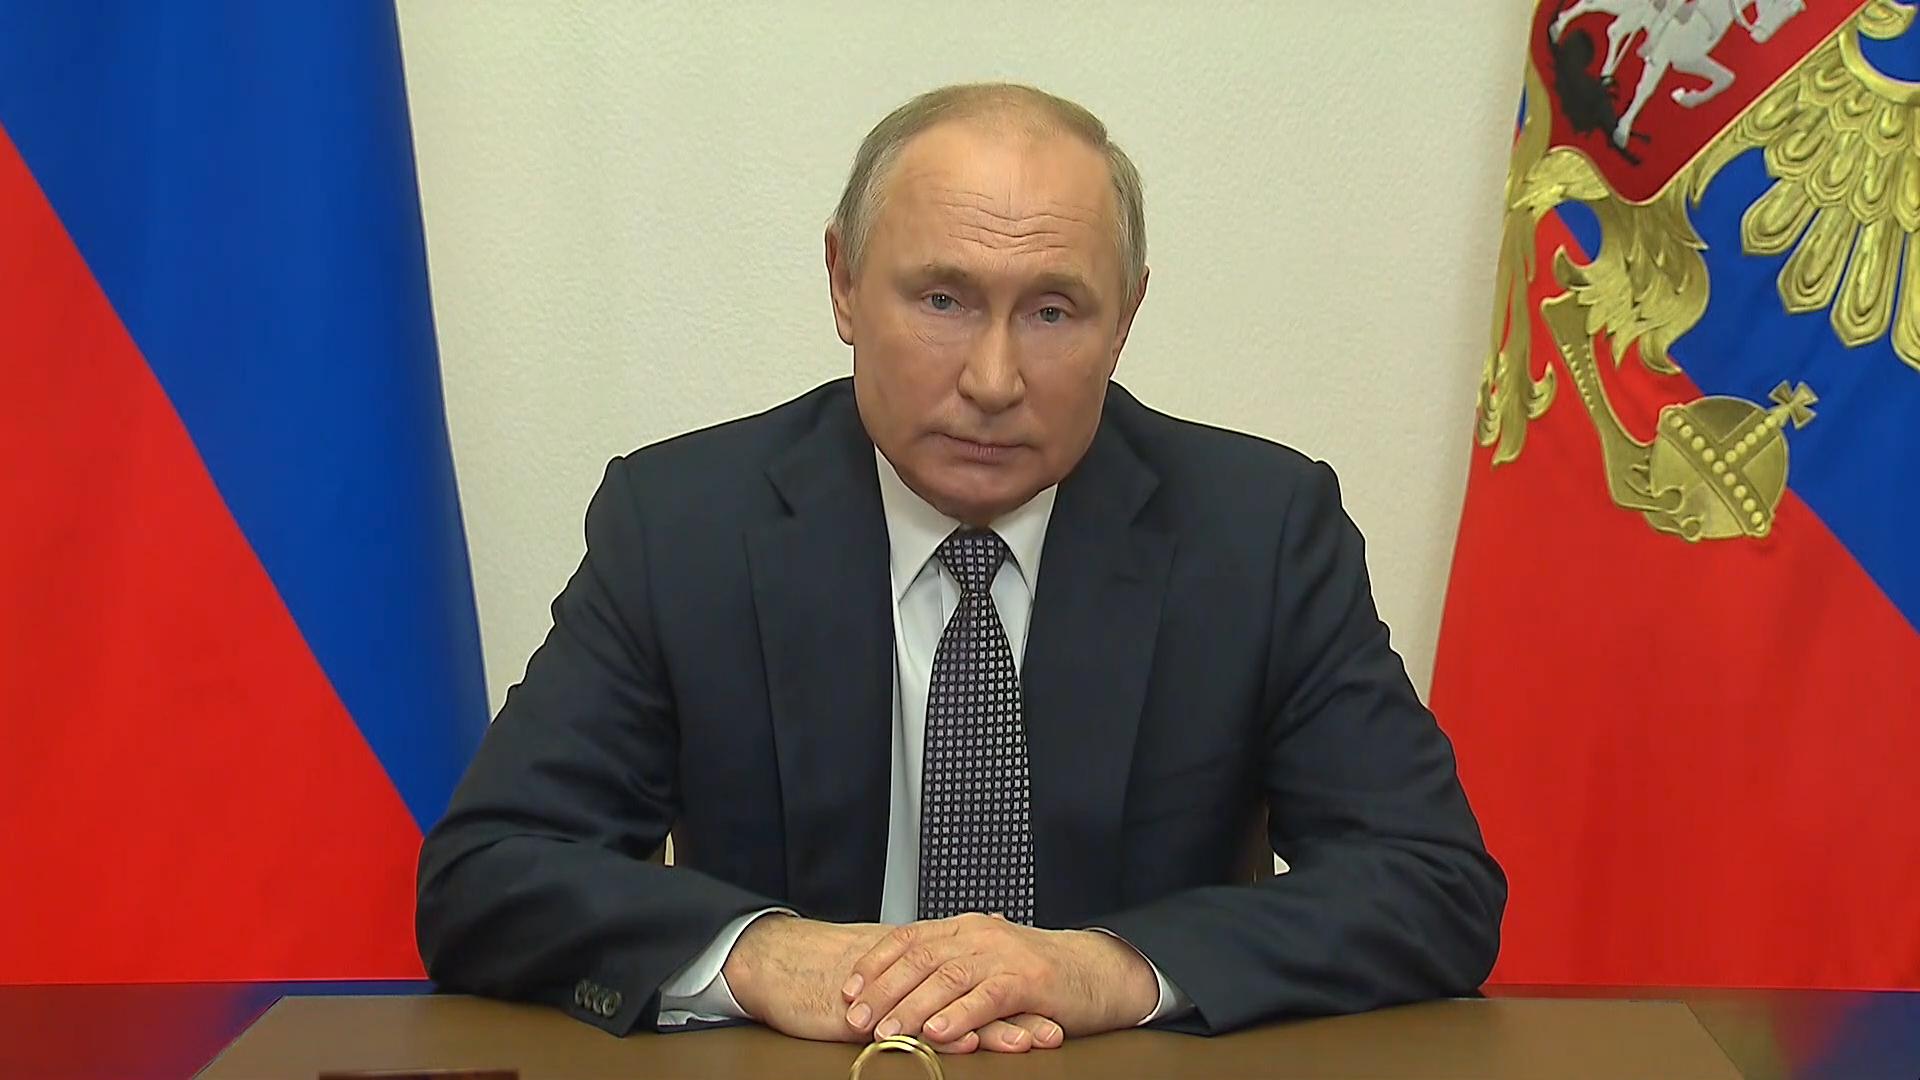 Путин: Россия будет содействовать деэскалации конфликтов